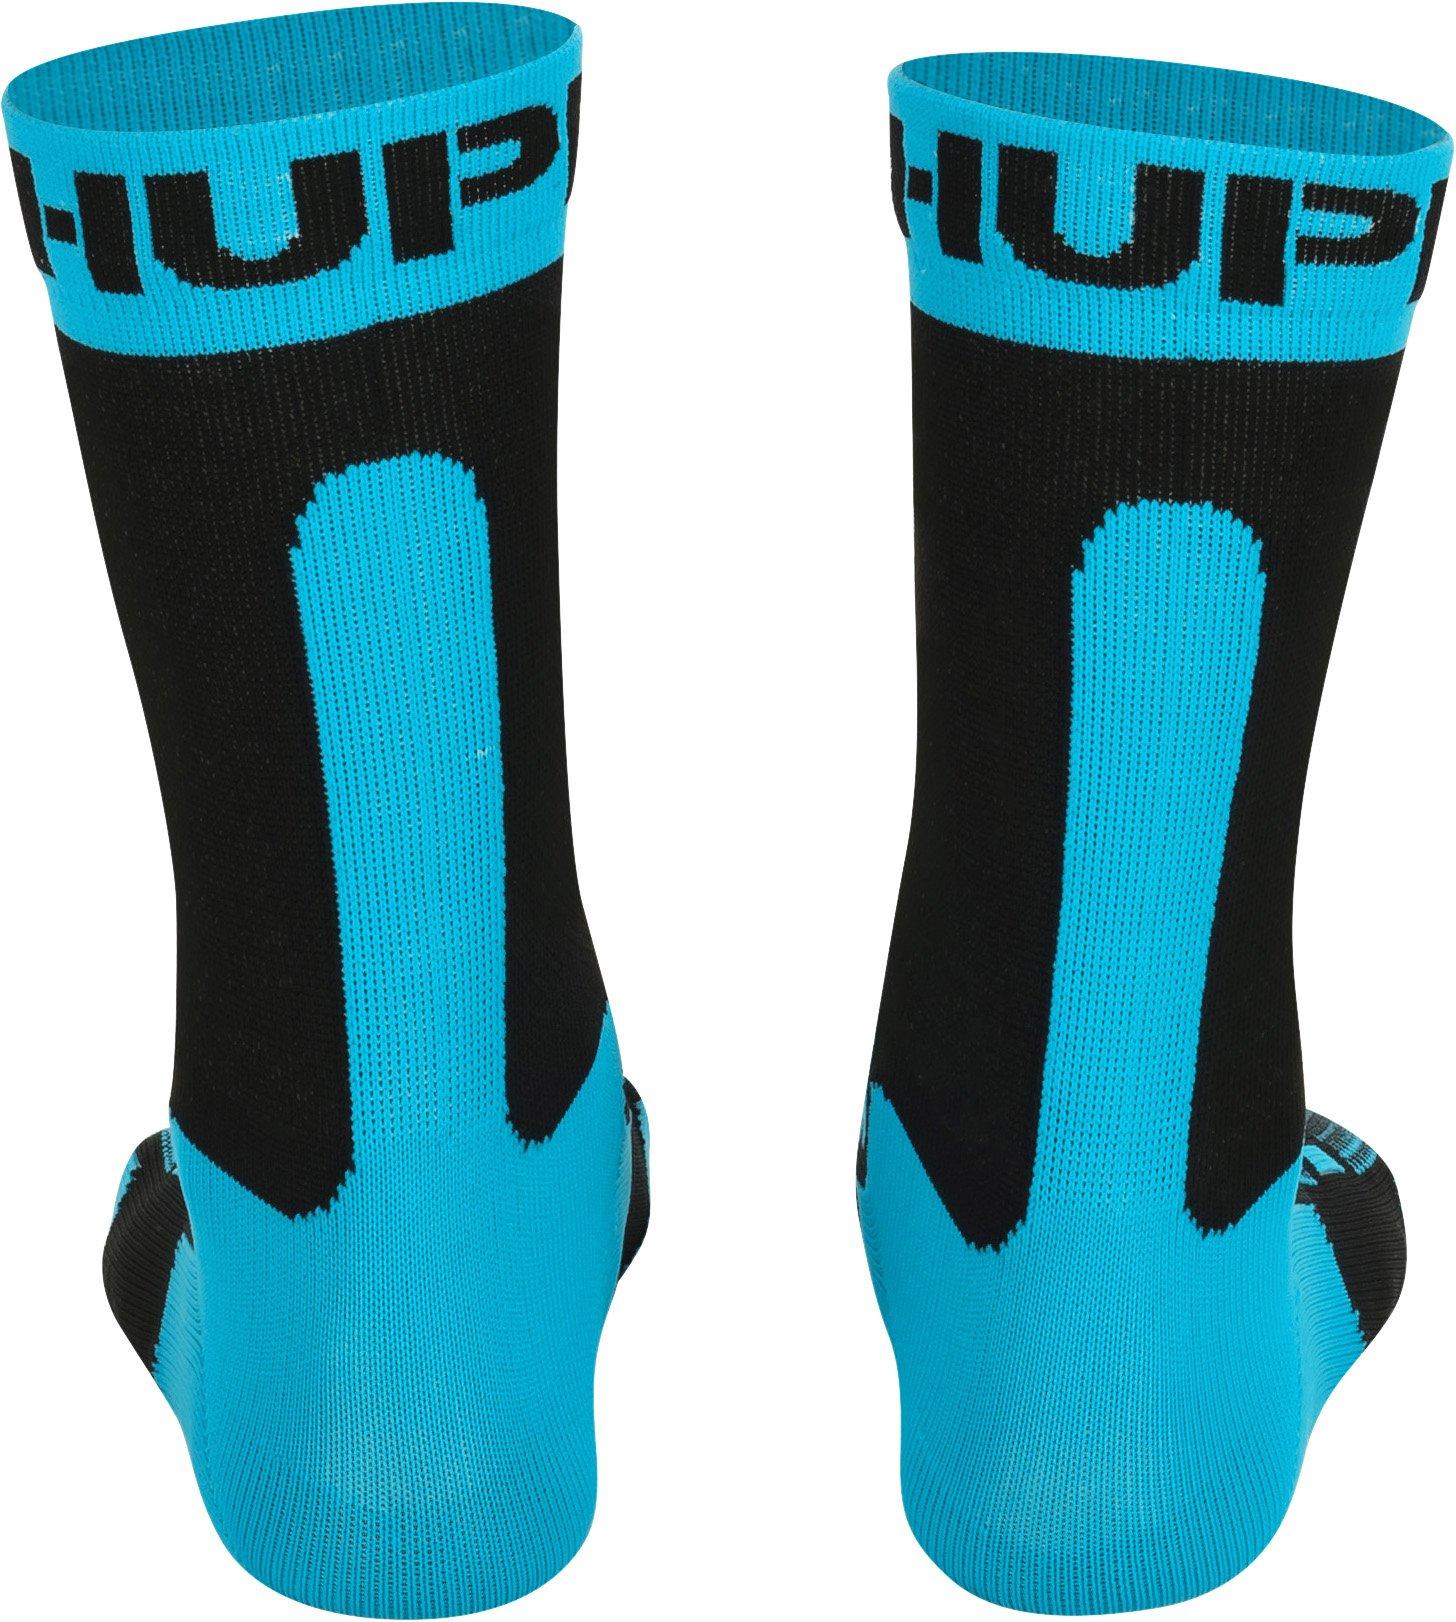 Meia HUPI Ultra Azul